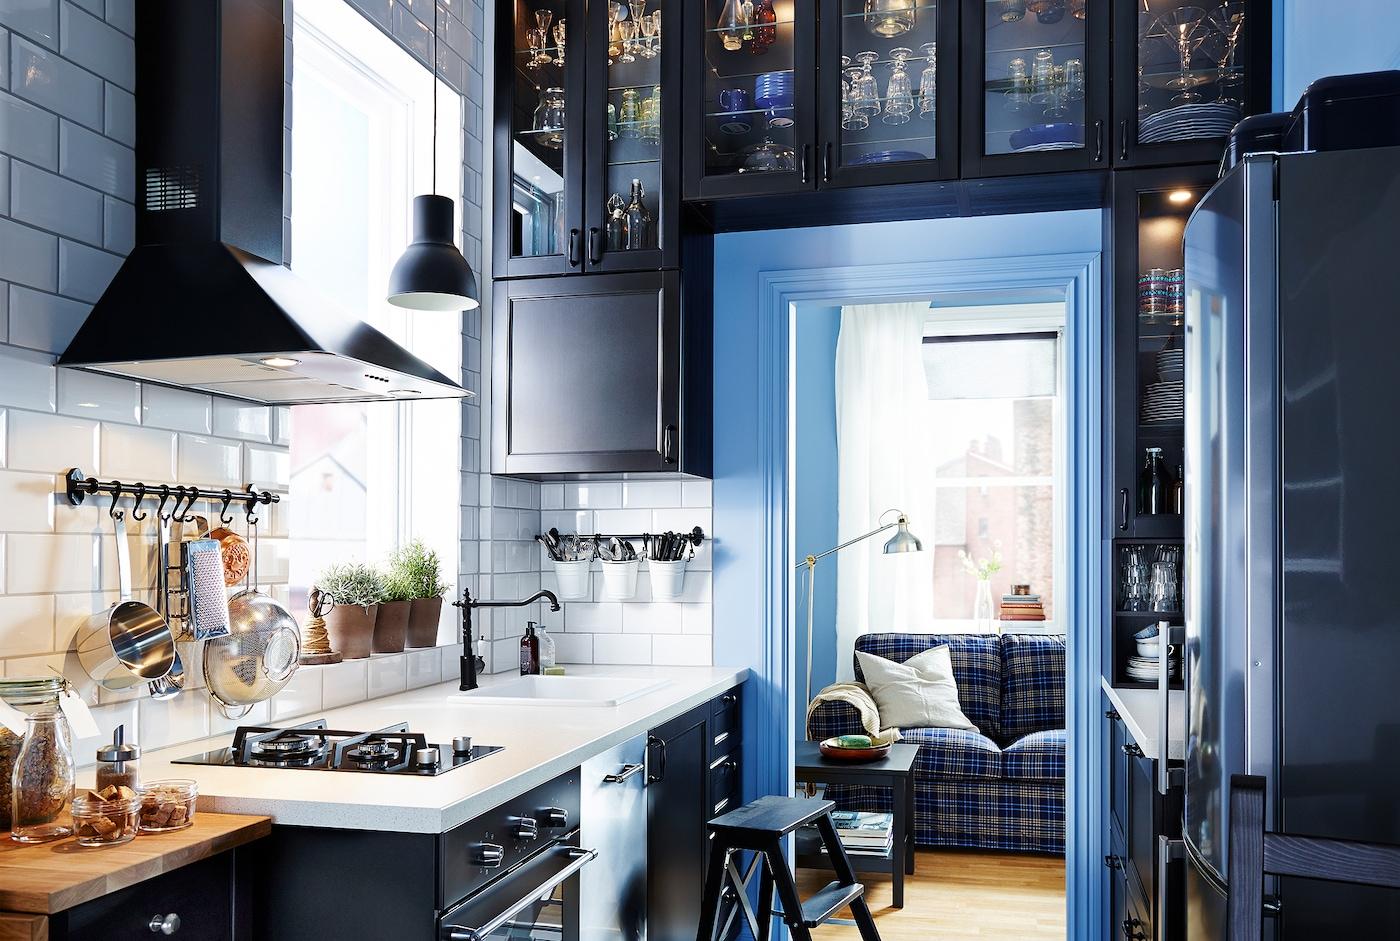 Cocina estrecha con armarios de IKEA alrededor de la puerta.